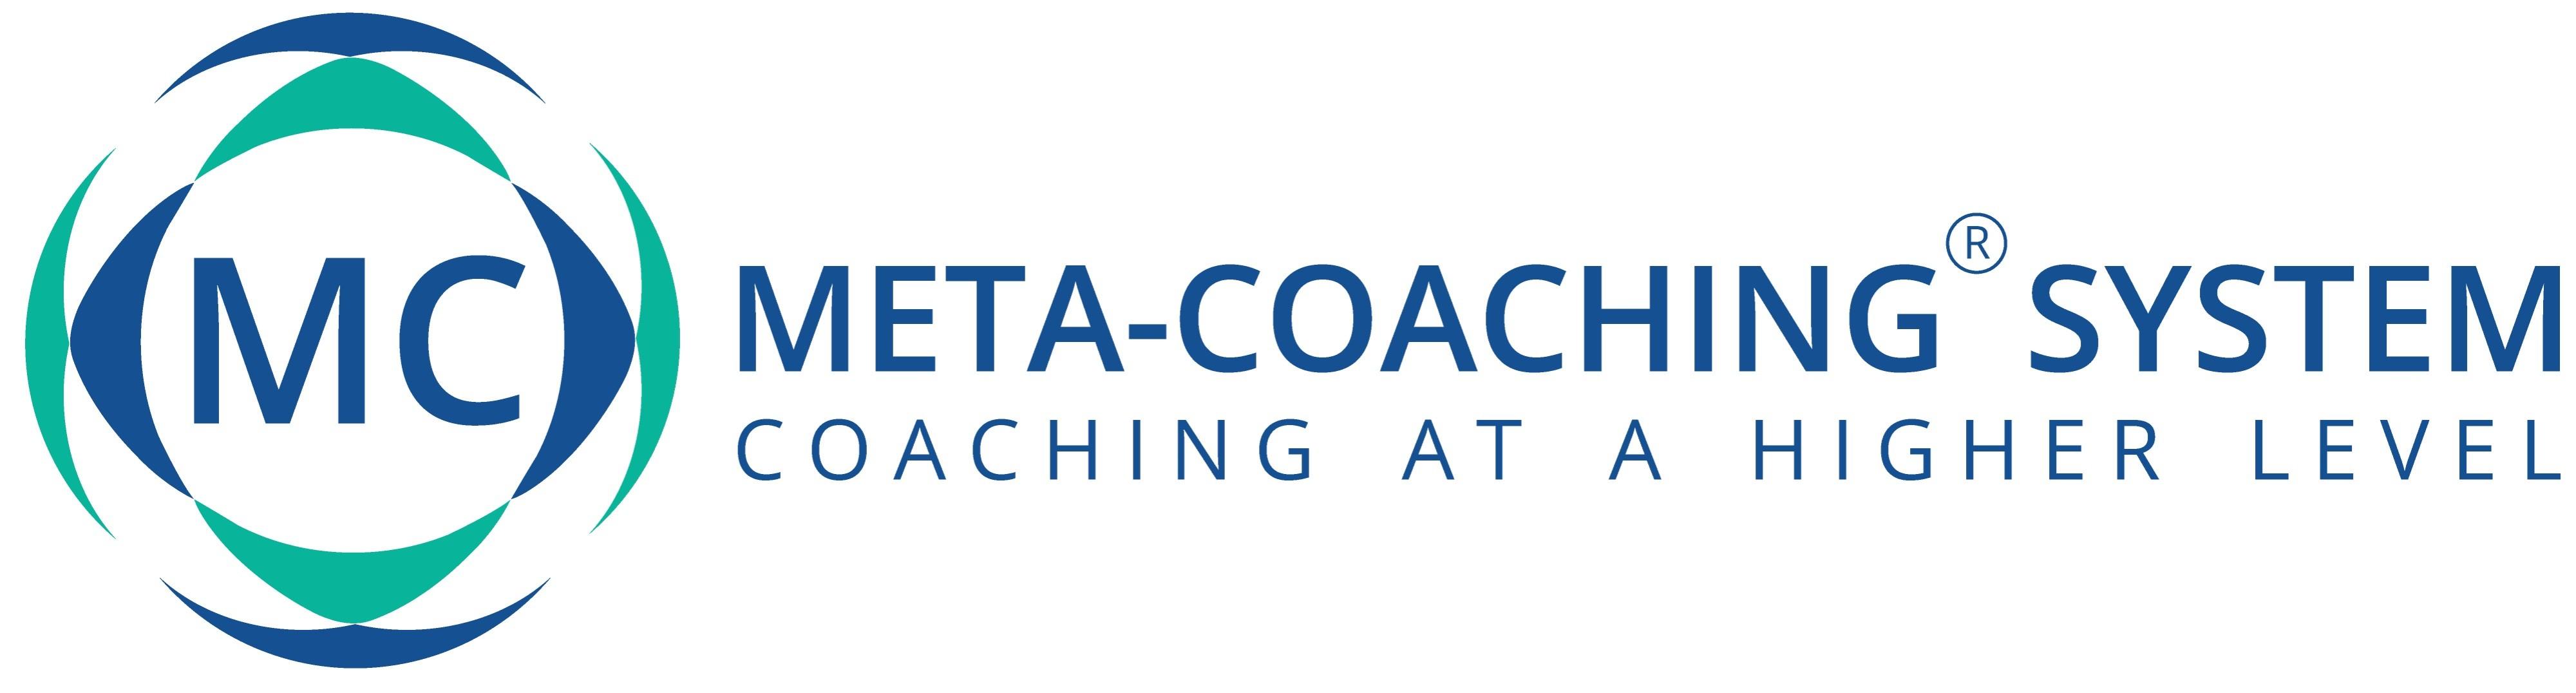 meta-coaching-system-australia